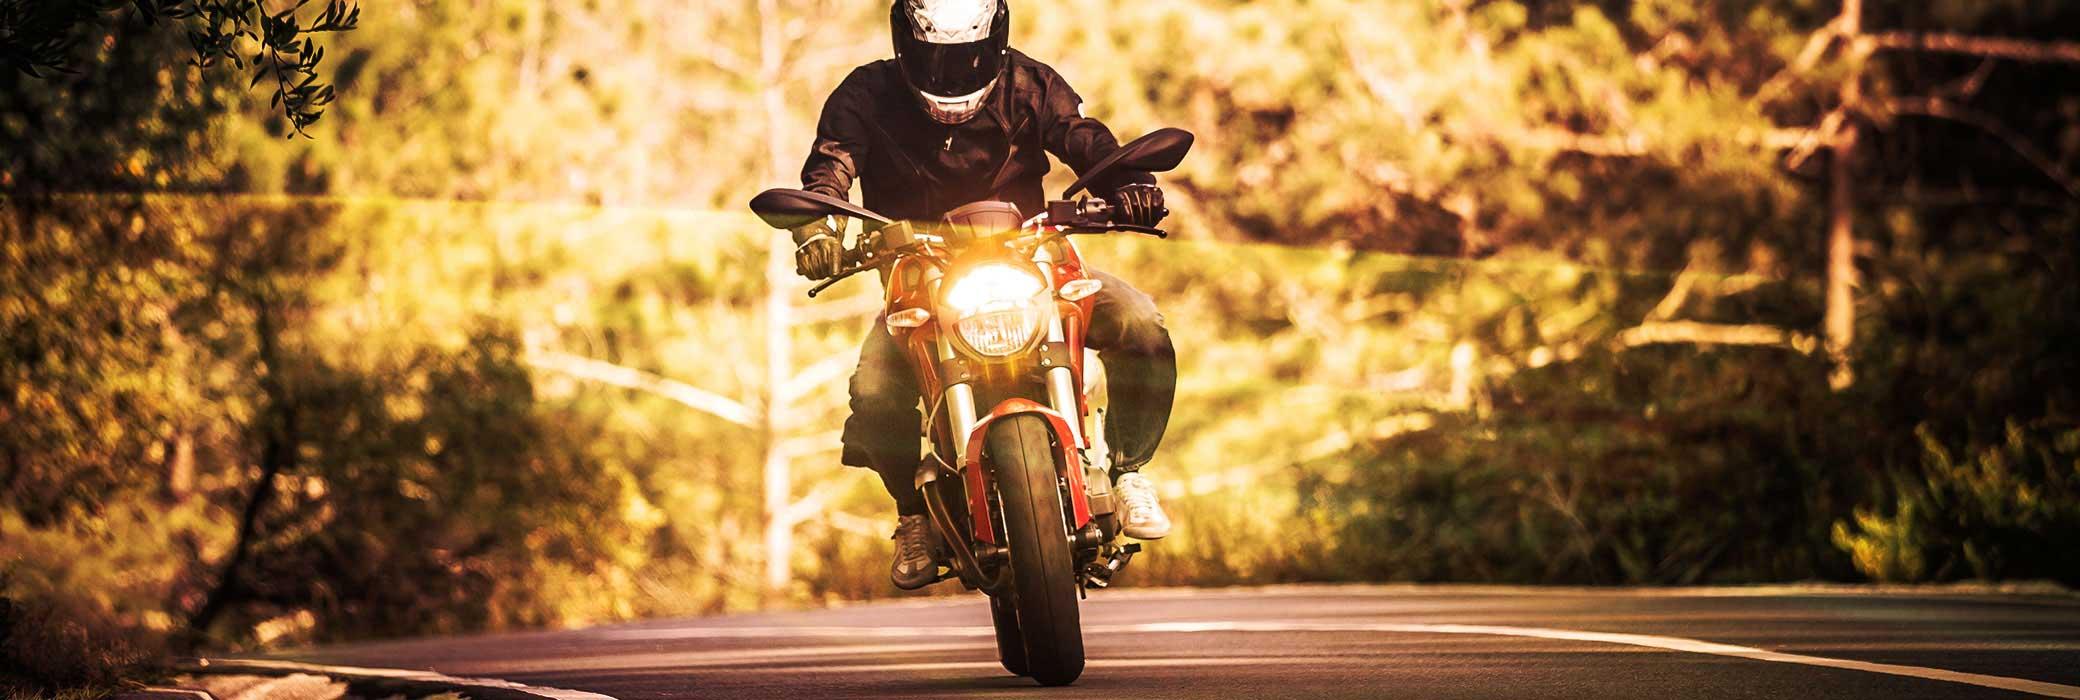 Delkor_Motorcycle_2080x700.jpg